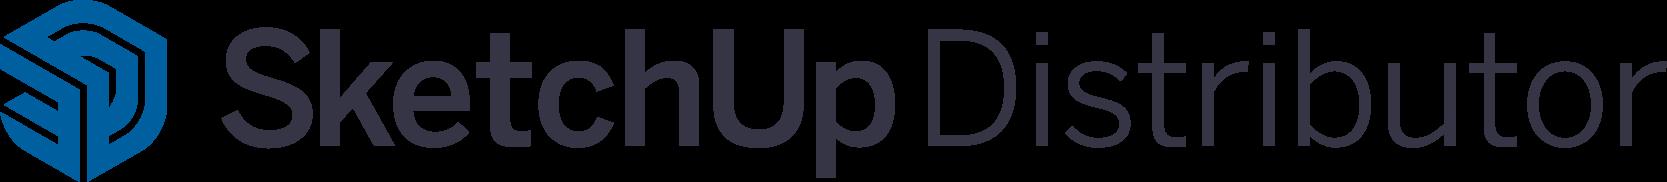 SketchUp-Distributor-Horizontal-120